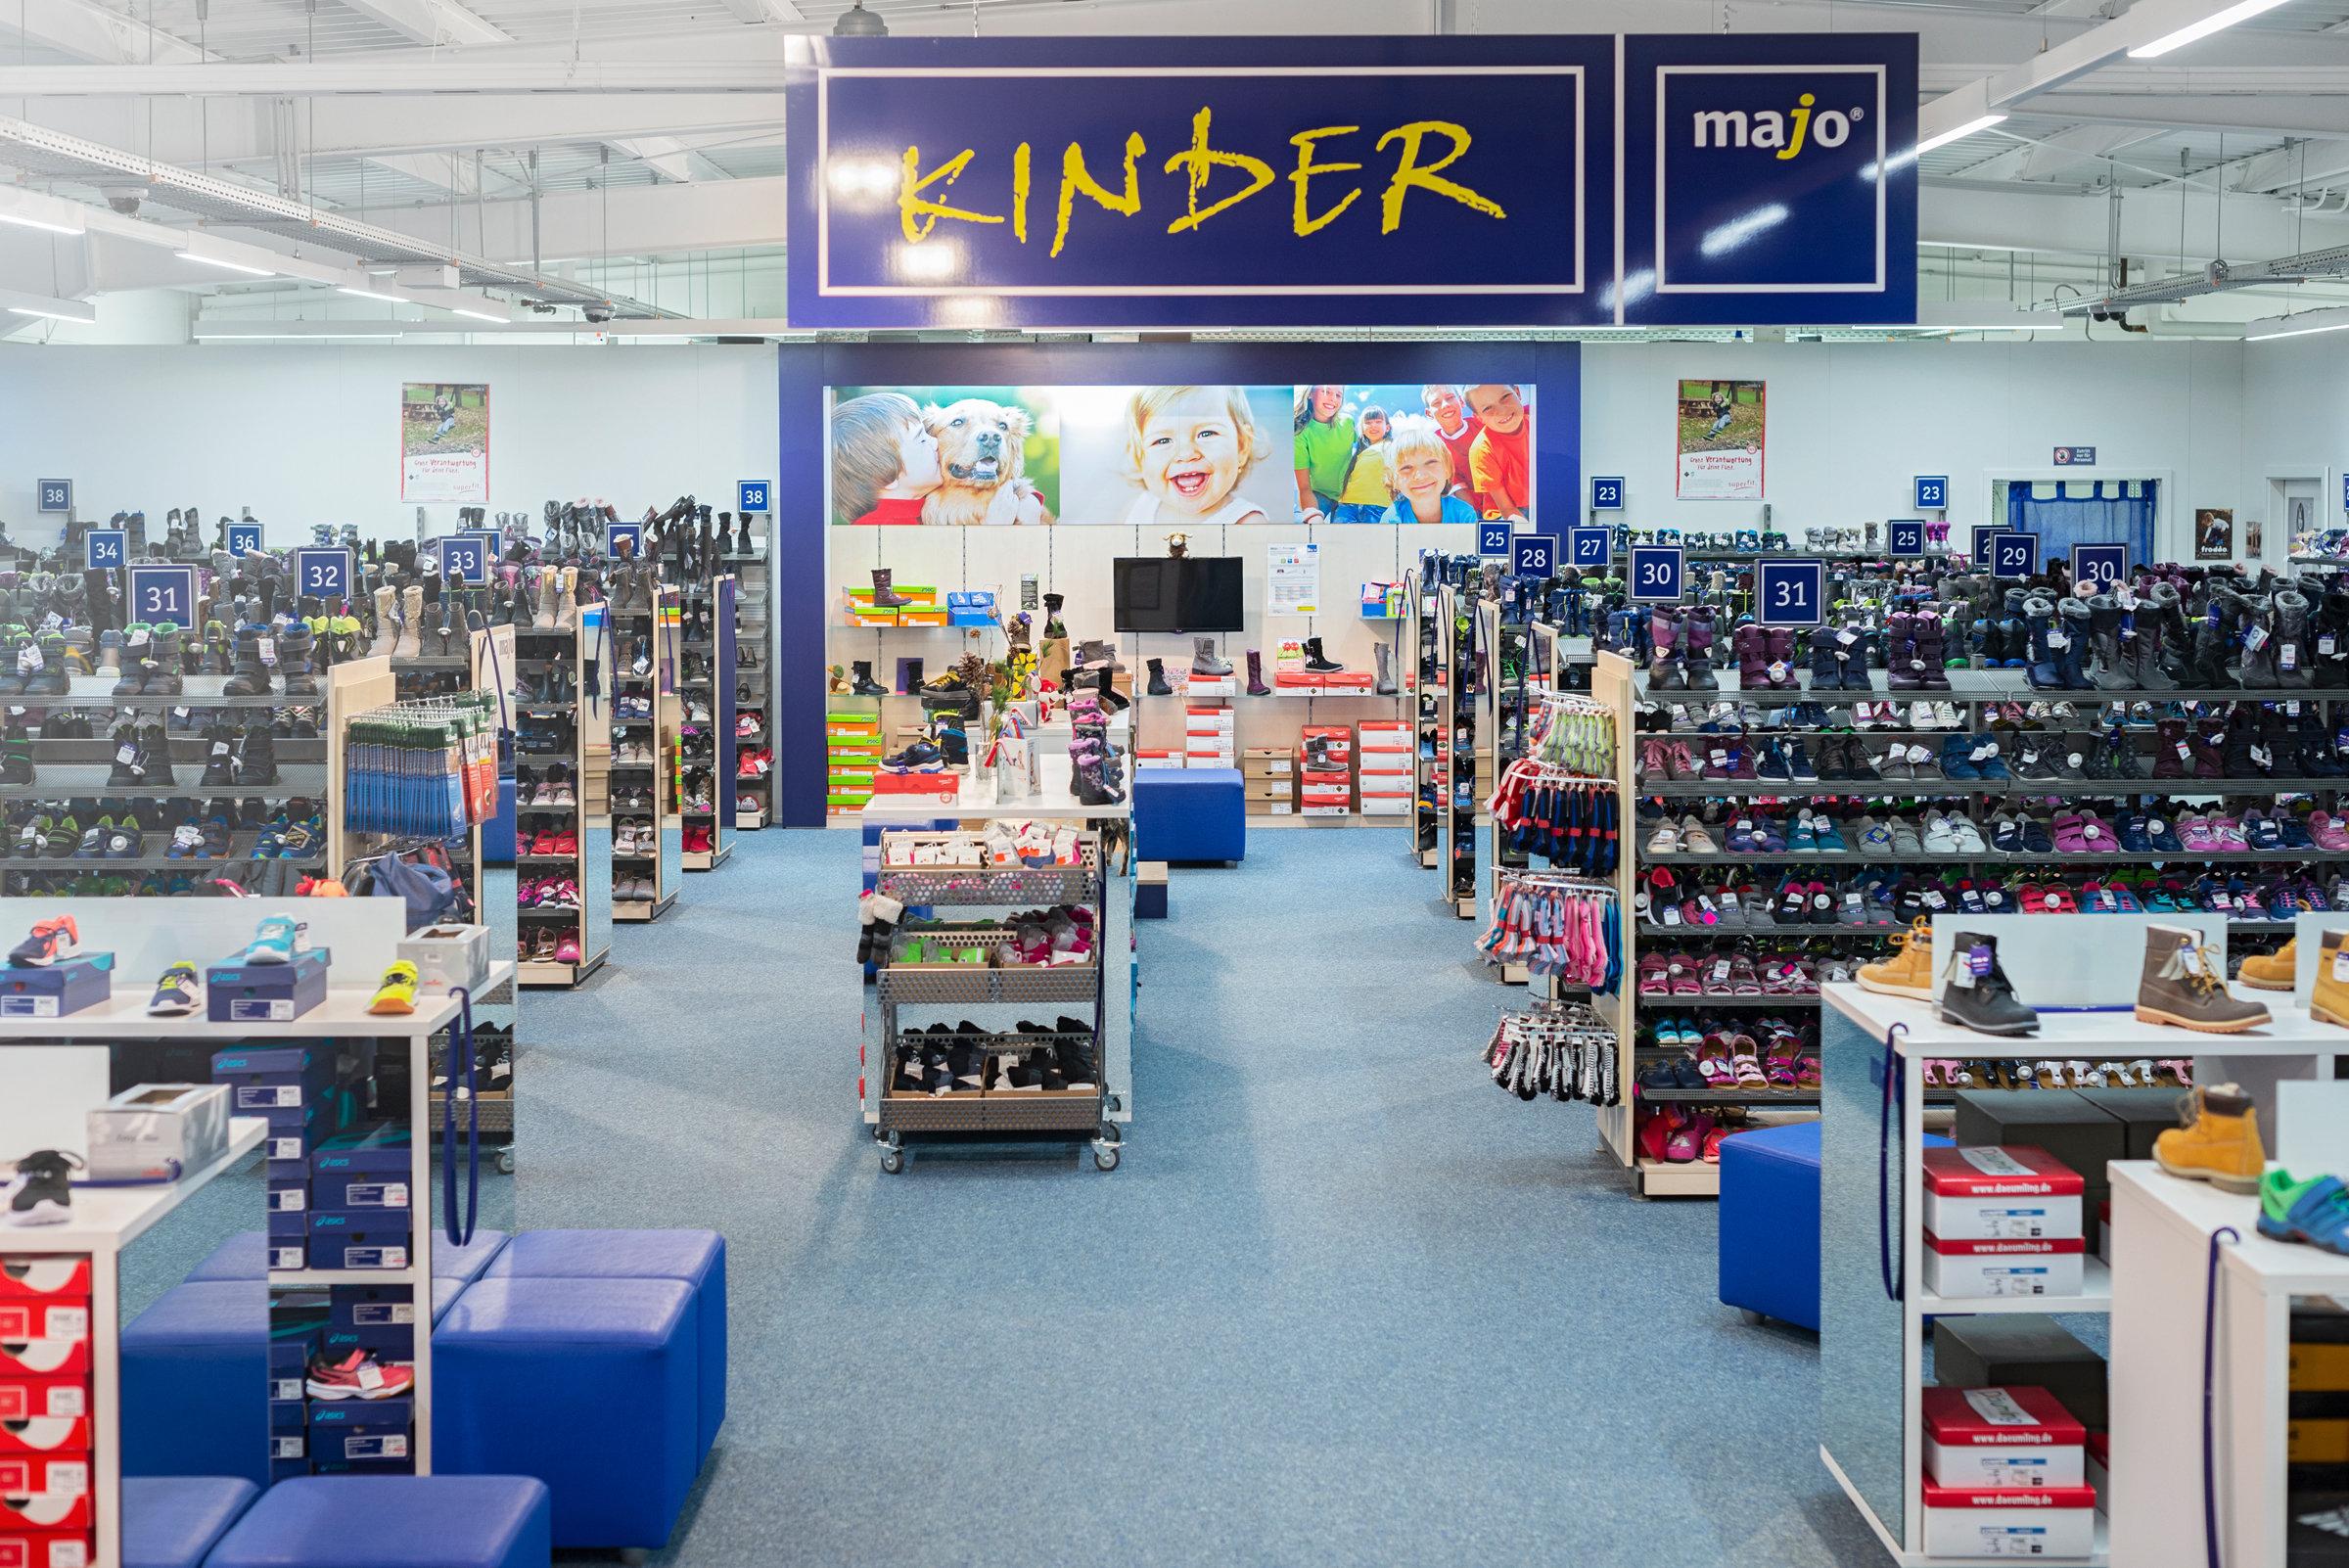 b0fec280d42a69 Kommen Sie einfach vorbei und lassen Sie sich überzeugen von der hohen  Qualität unserer Schuhwaren